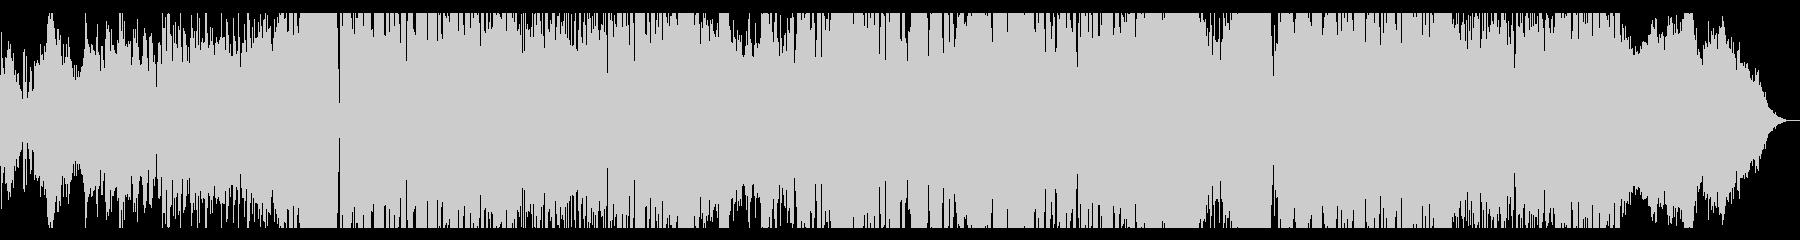 デジタルで不思議なIDMの未再生の波形